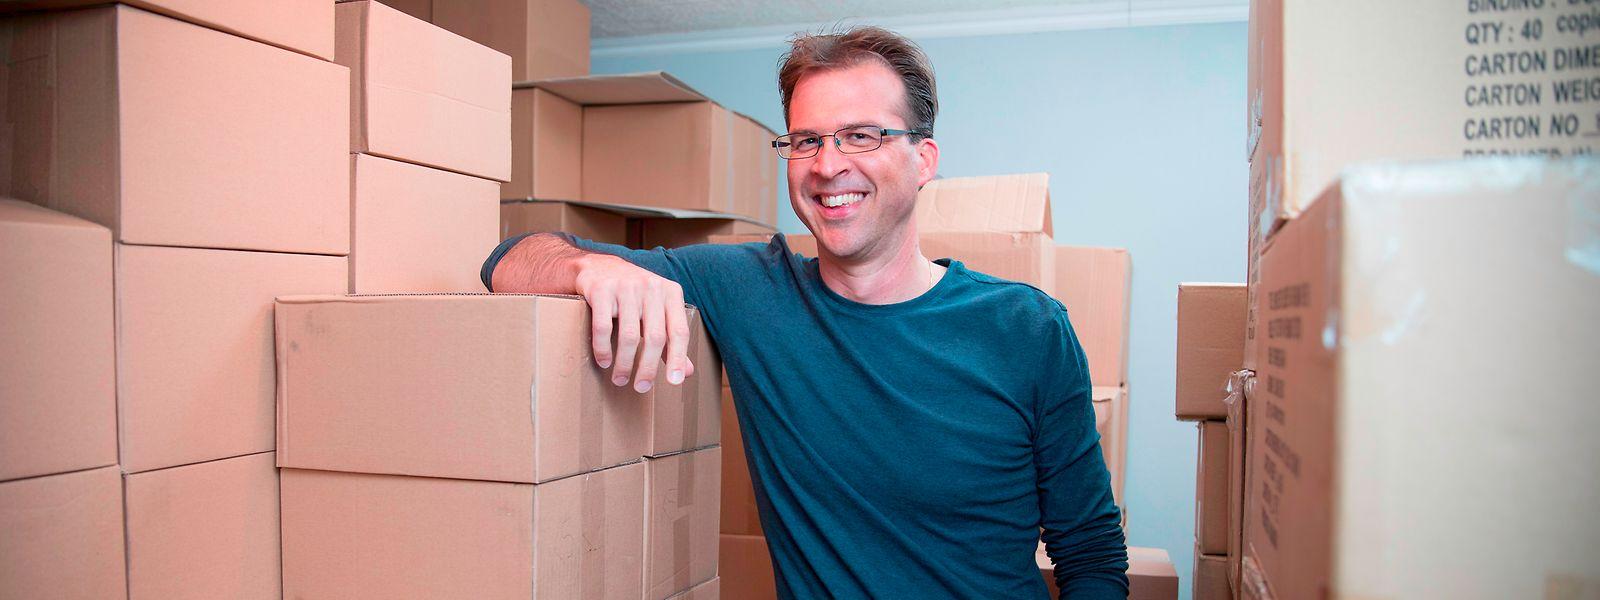 Luc Marteling inmitten von Bücherkartons.